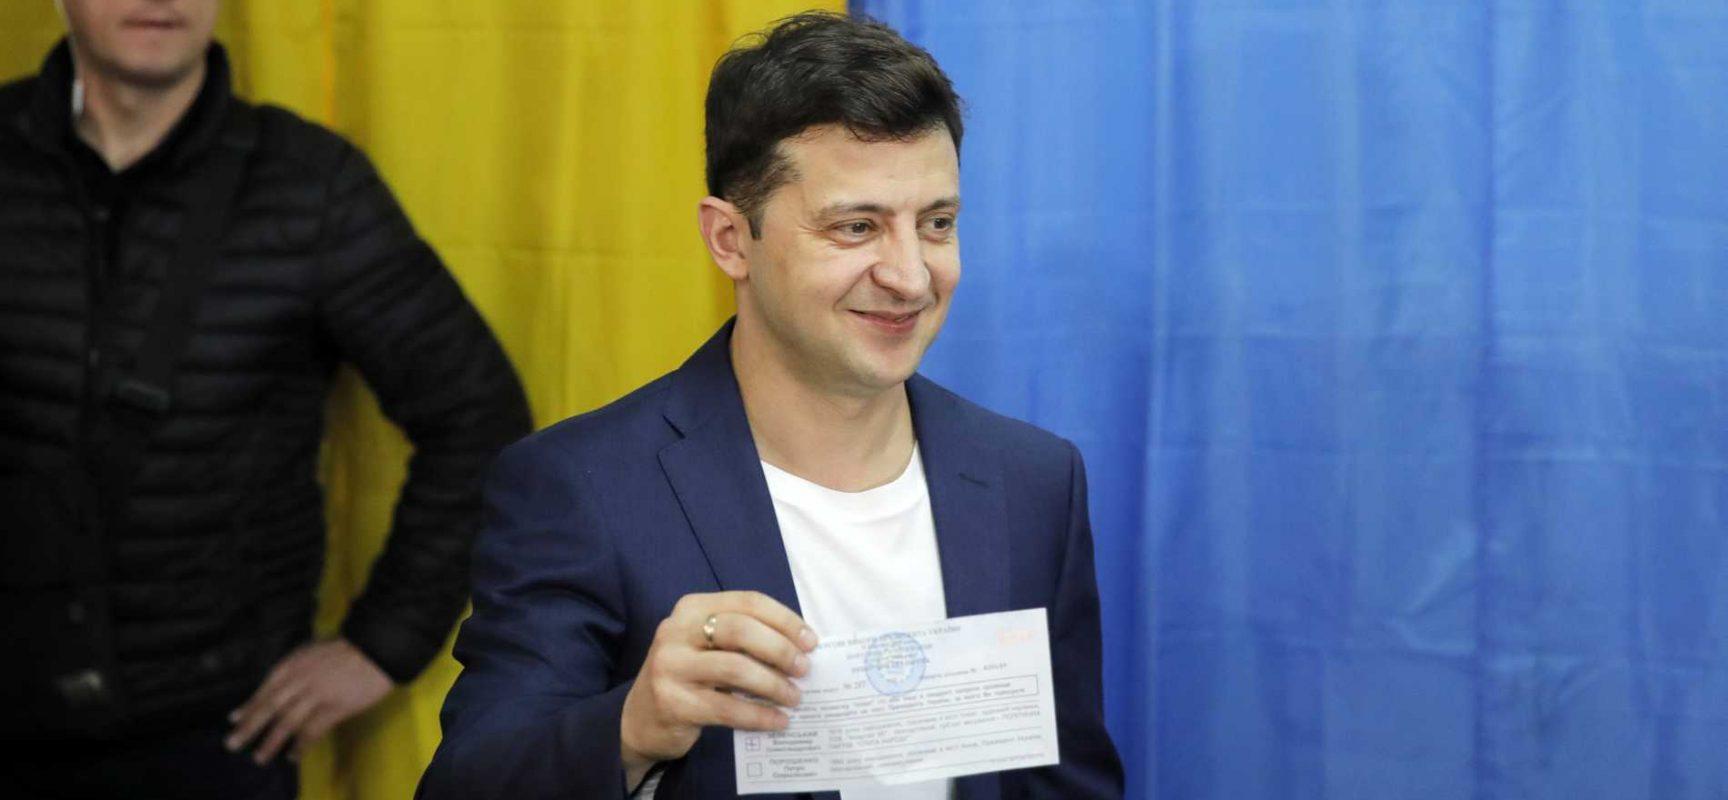 Dichiarazione congiunta dei rappresentanti della società civile sui primi passi politici del presidente dell'Ucraina Volodymyr Zelensky